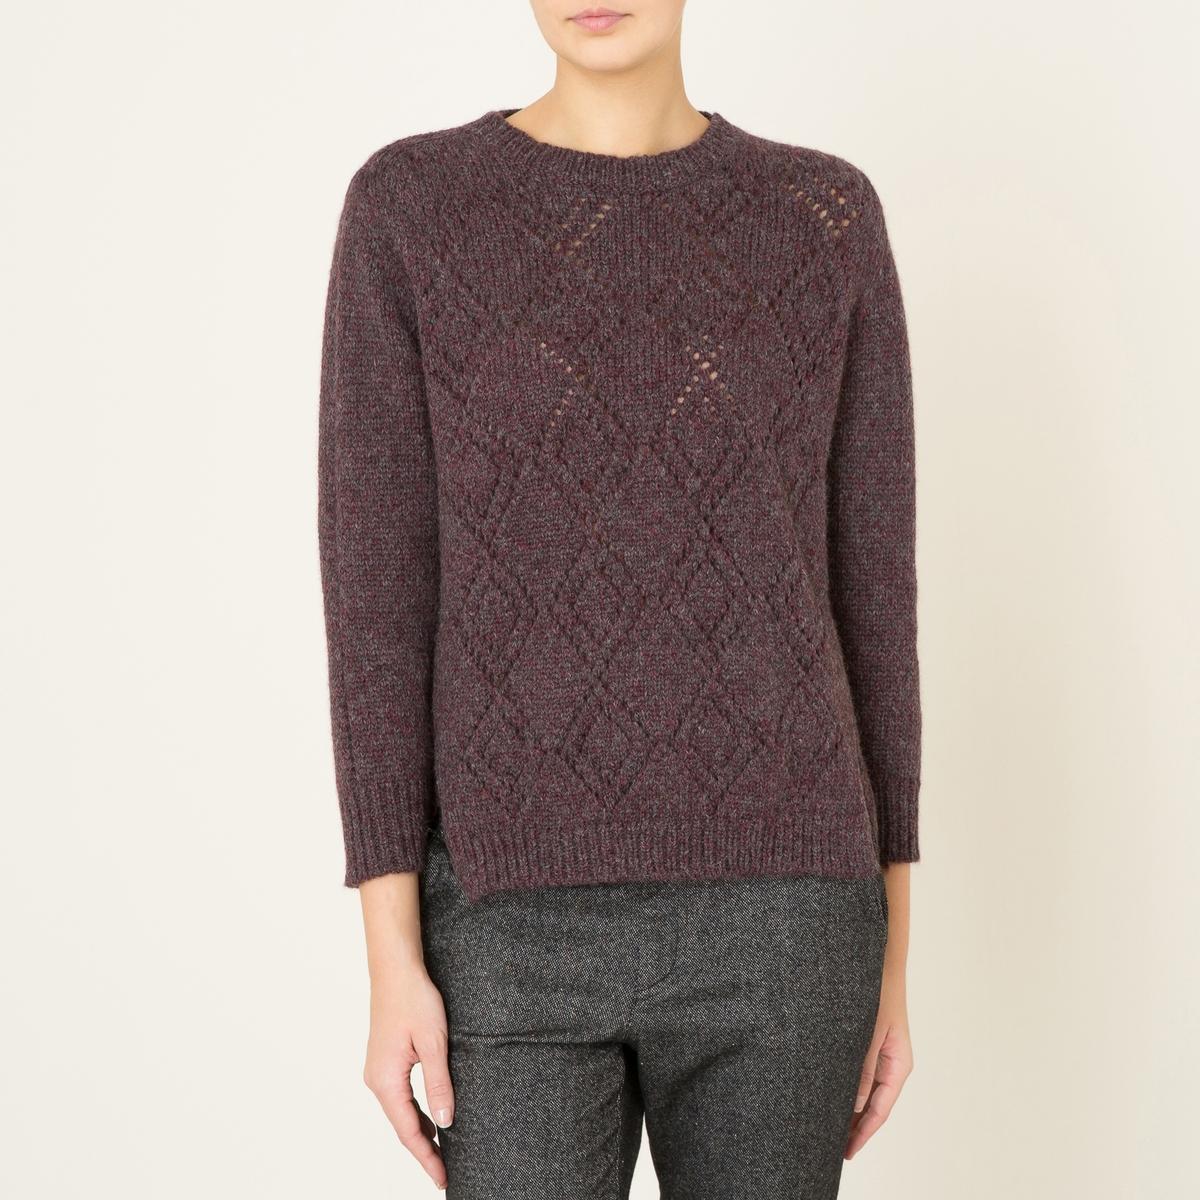 Пуловер ALYETTEСостав и описание    Материал : 64% шерсти, 30% альпаки, 6% полиамида   Длина : посередине сзади 61 см. (для размера S)   Марка : SOEUR<br><br>Цвет: бордовый<br>Размер: S